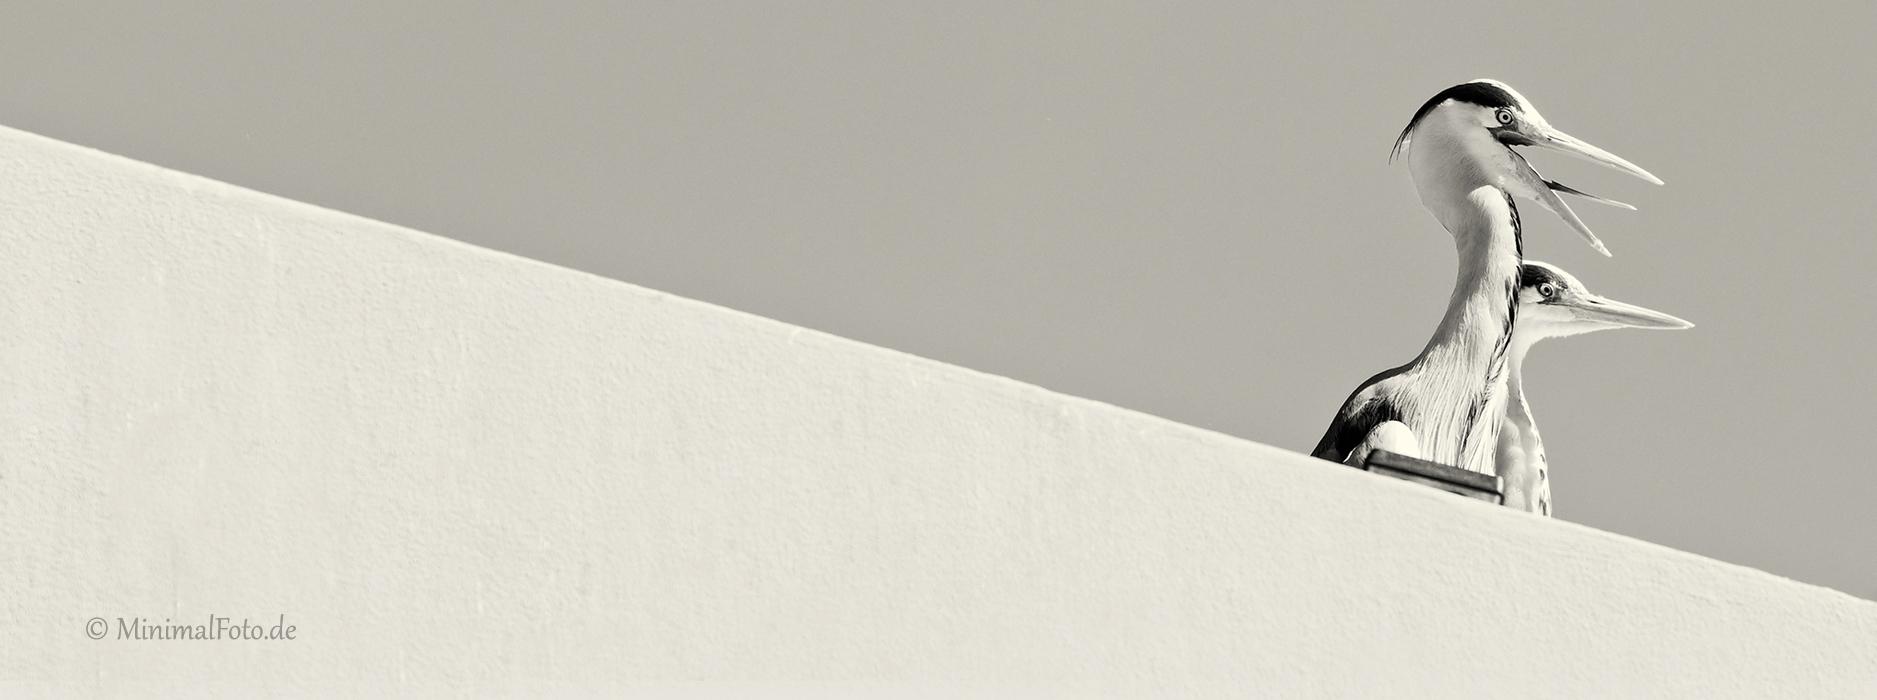 Grau-Reiher-heron-gray-grey-Minimalismus-minimalistisch-minimalistic-black-white-schwarz-weiss-A_NIK500_3633-sw